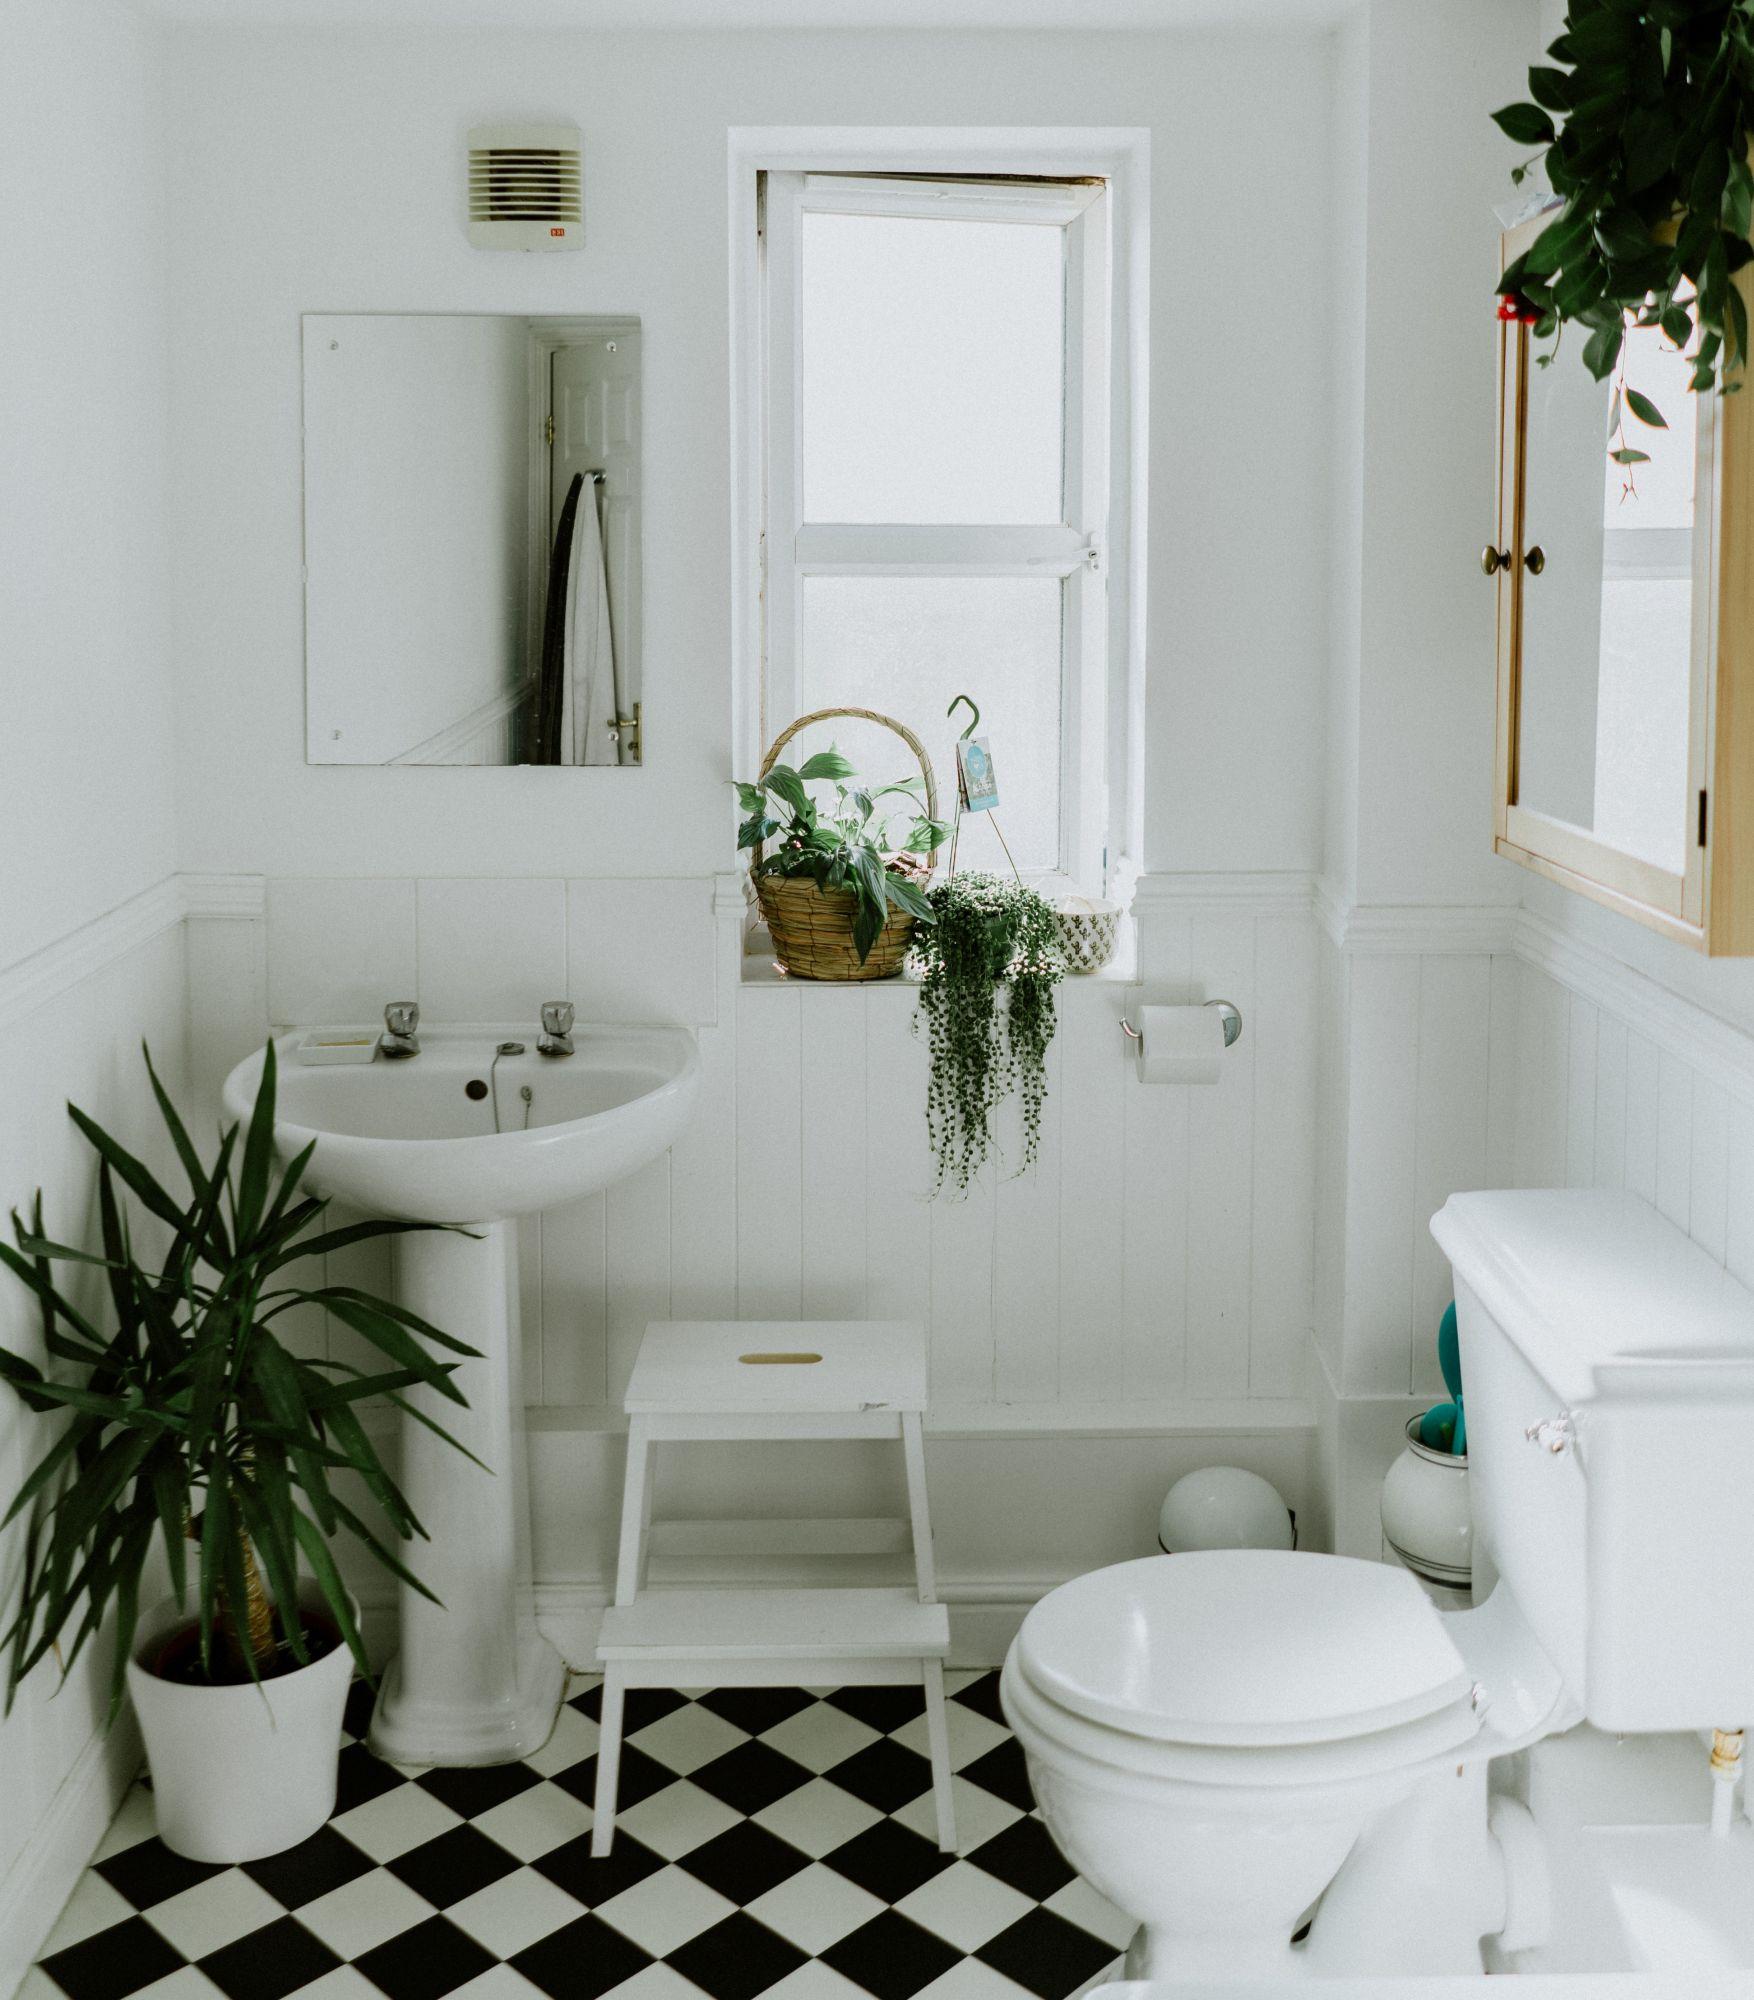 Rivestimento per il bagno: piastrelle a metà parete